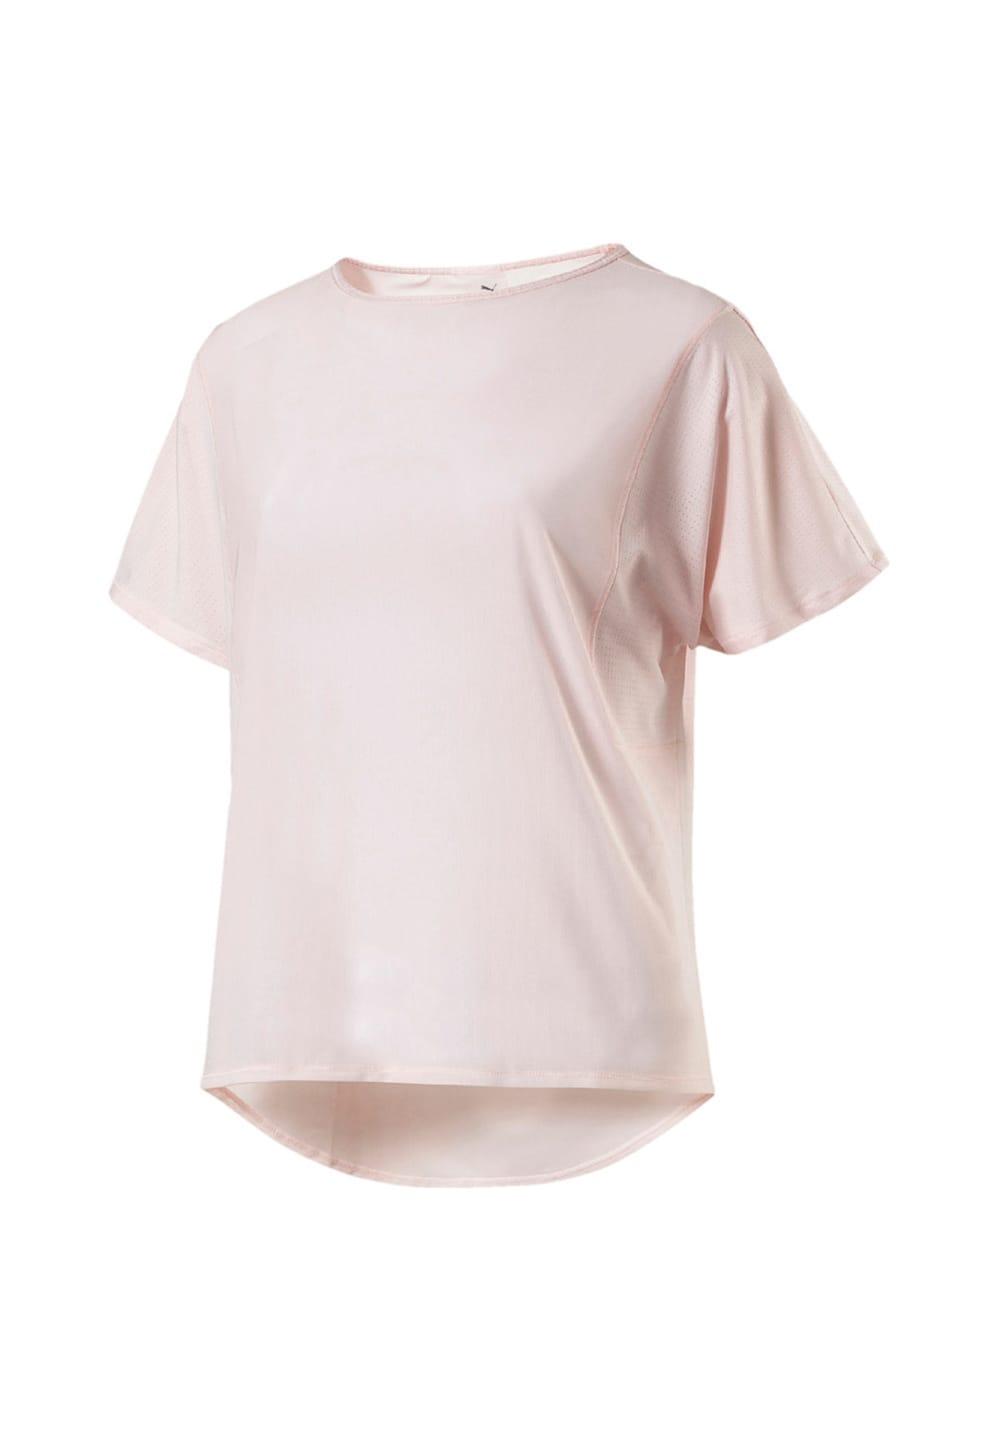 Puma Explosive Top - Laufshirts für Damen - Pink, Gr. M